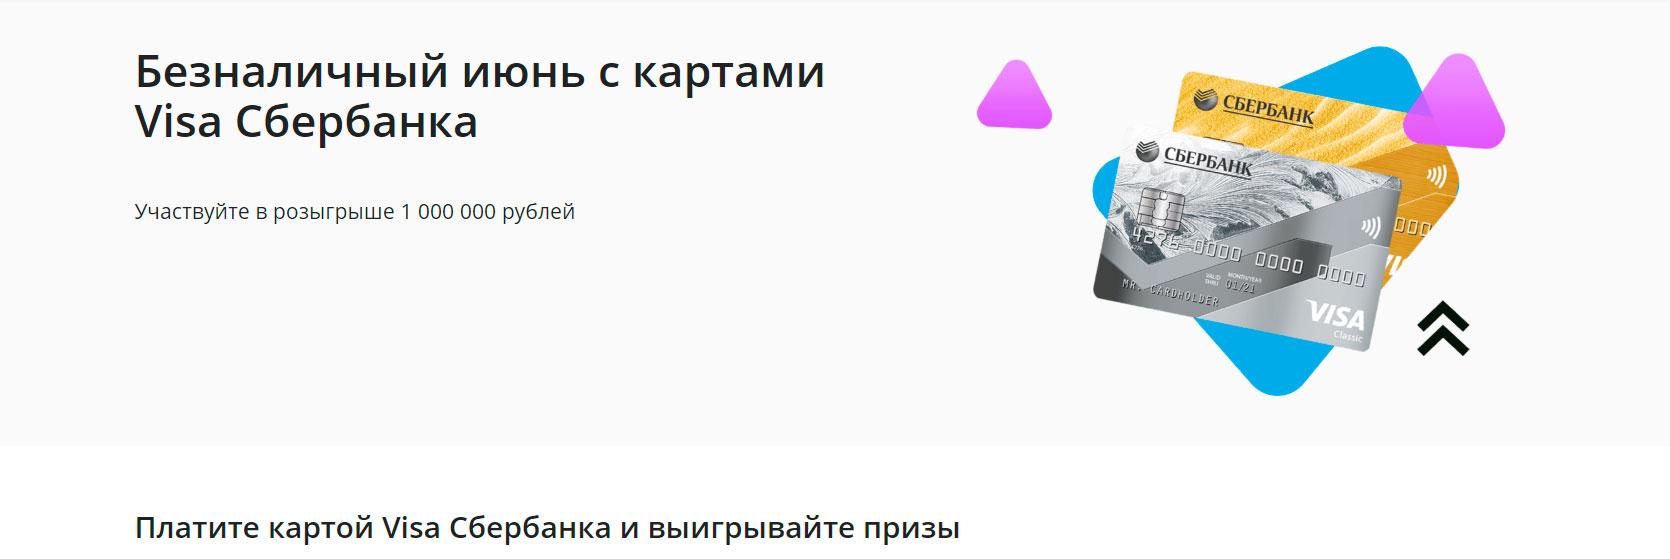 Акция Сбербанка «Безналичный июнь»